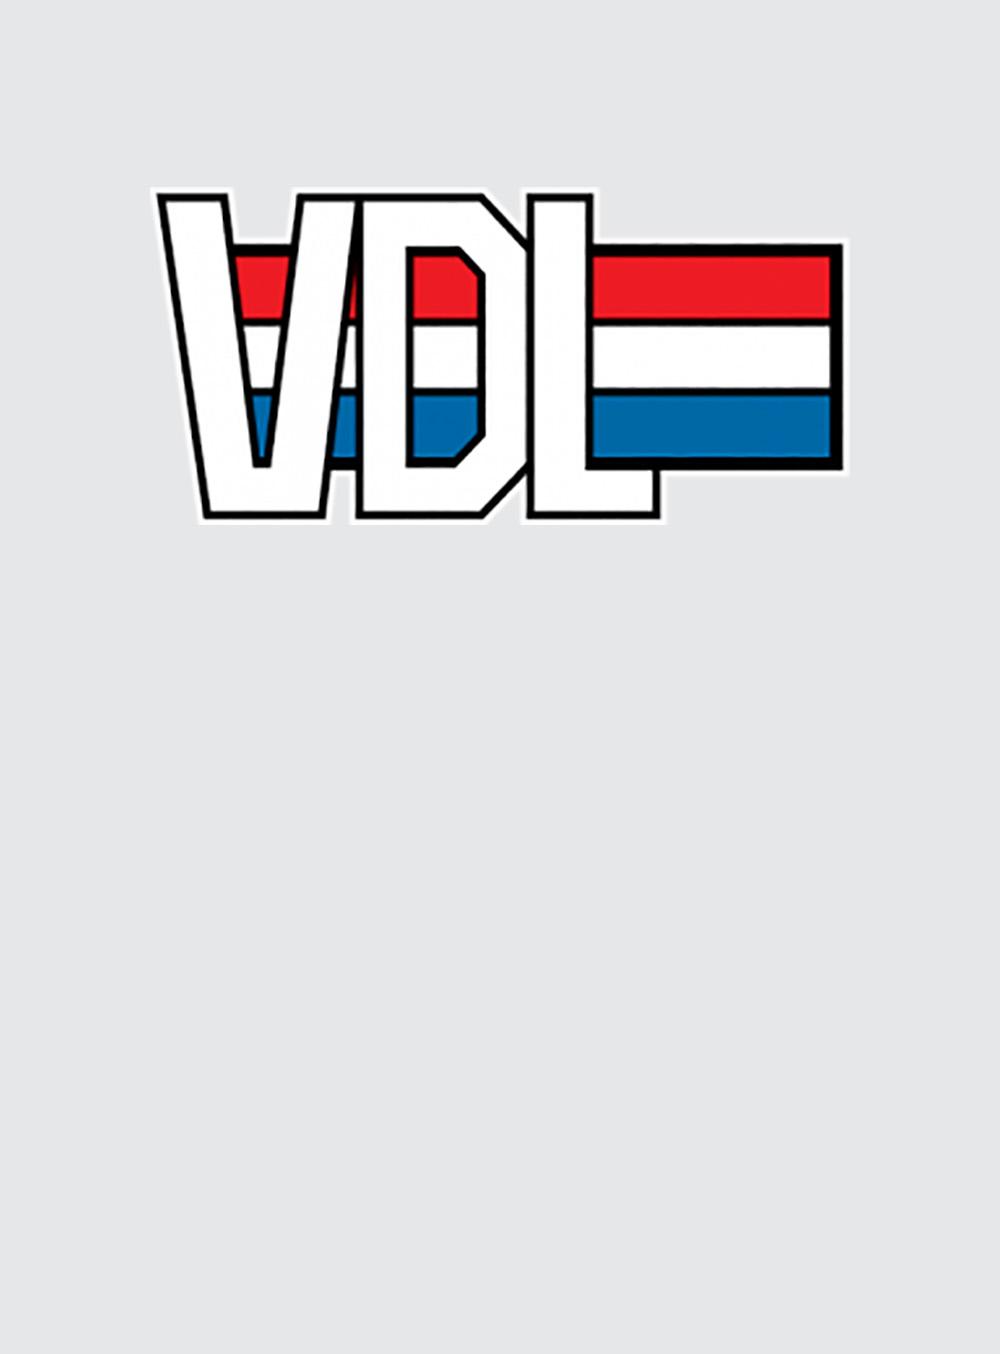 Logo VDL Nedcar